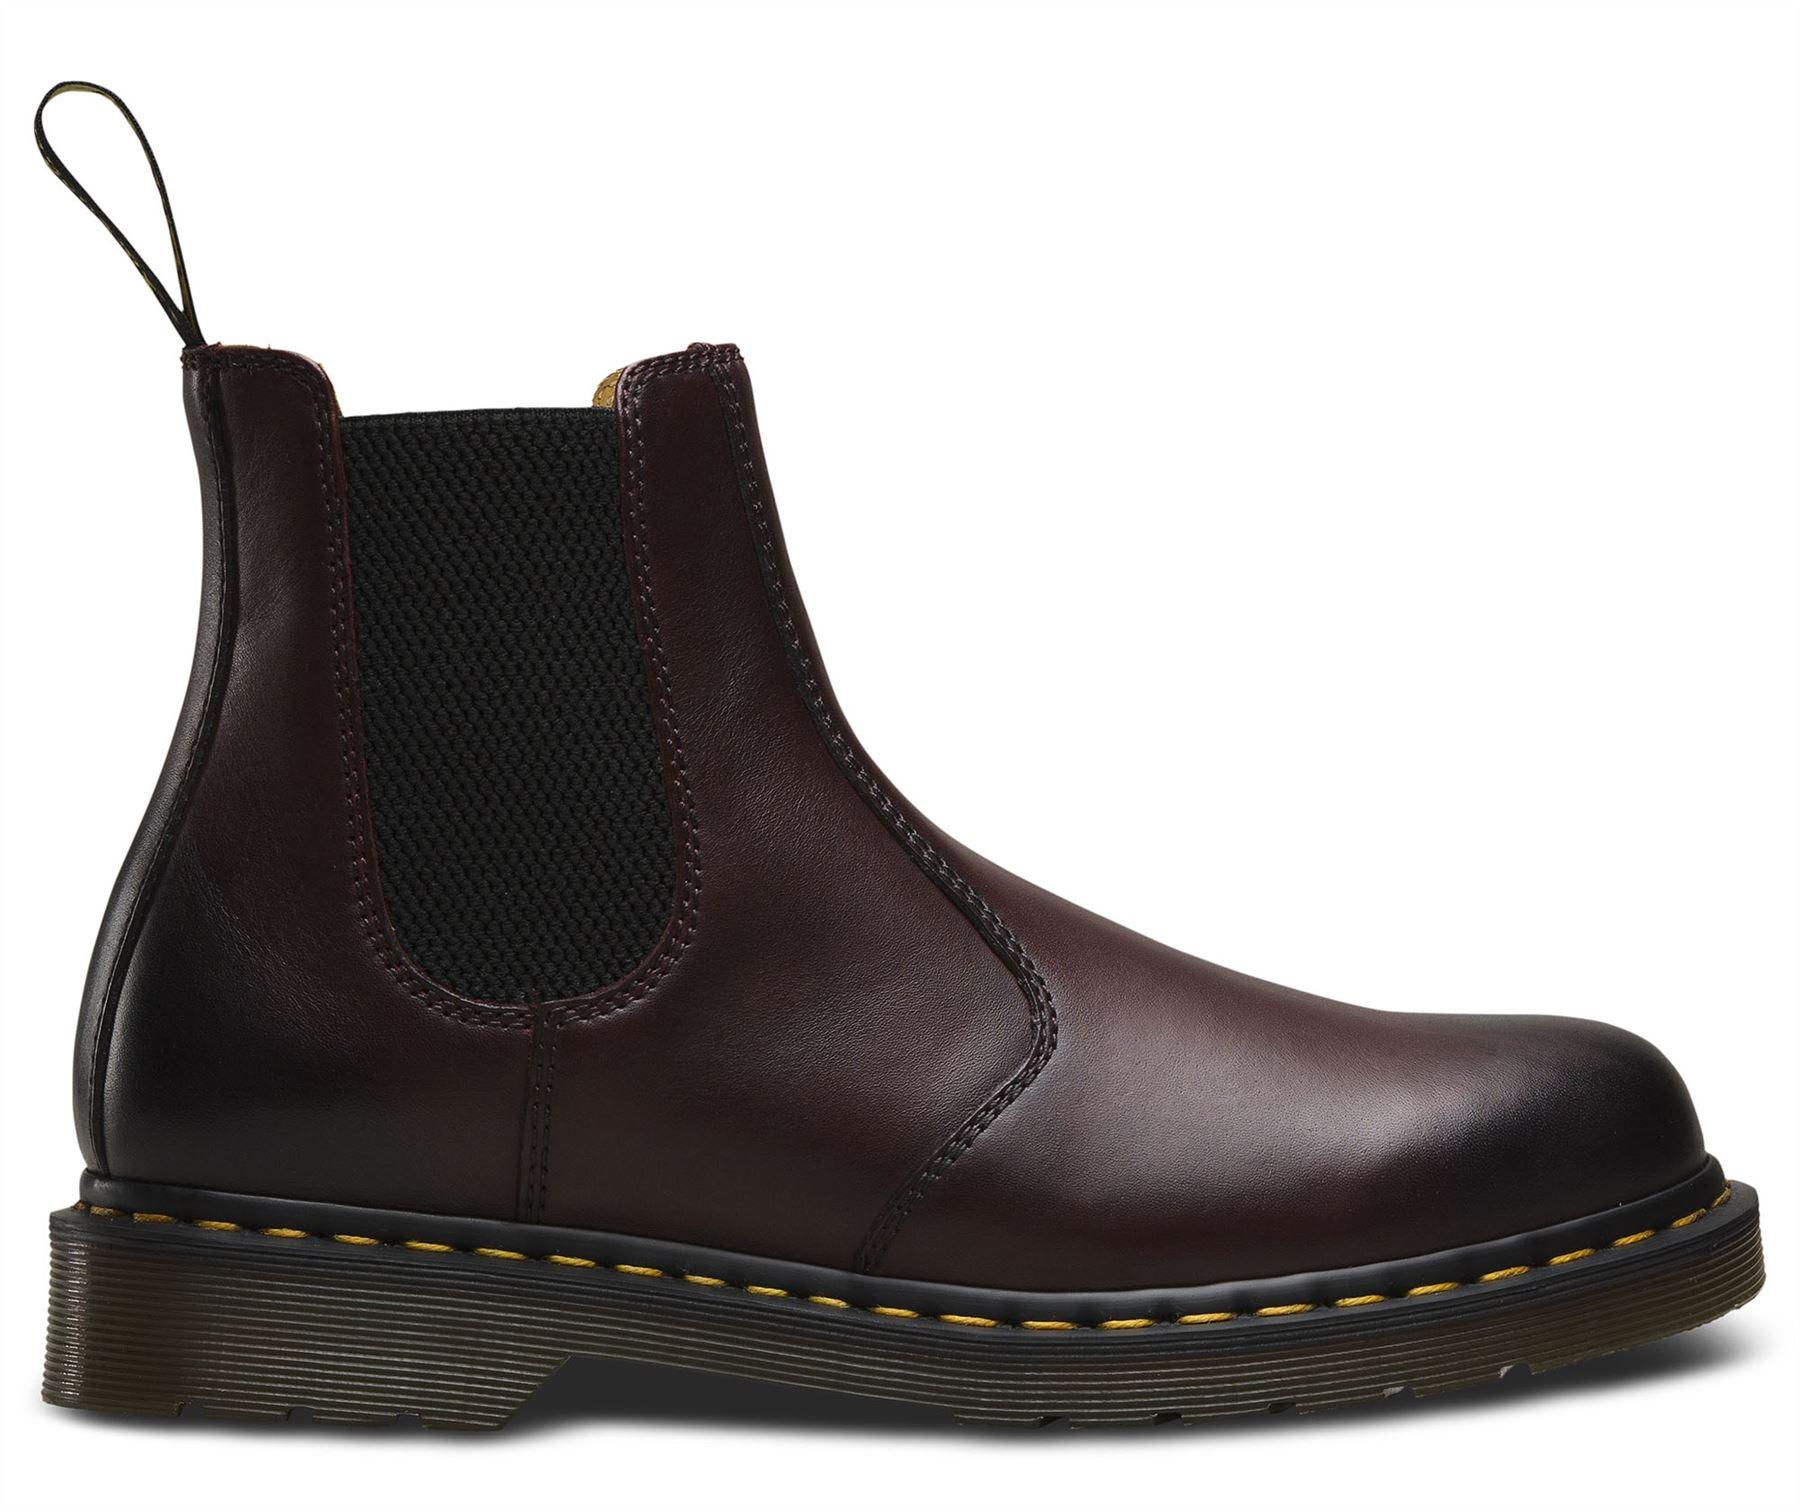 dr martens 2976 chelsea dealer boots temperley antique leather new aw16 ebay. Black Bedroom Furniture Sets. Home Design Ideas